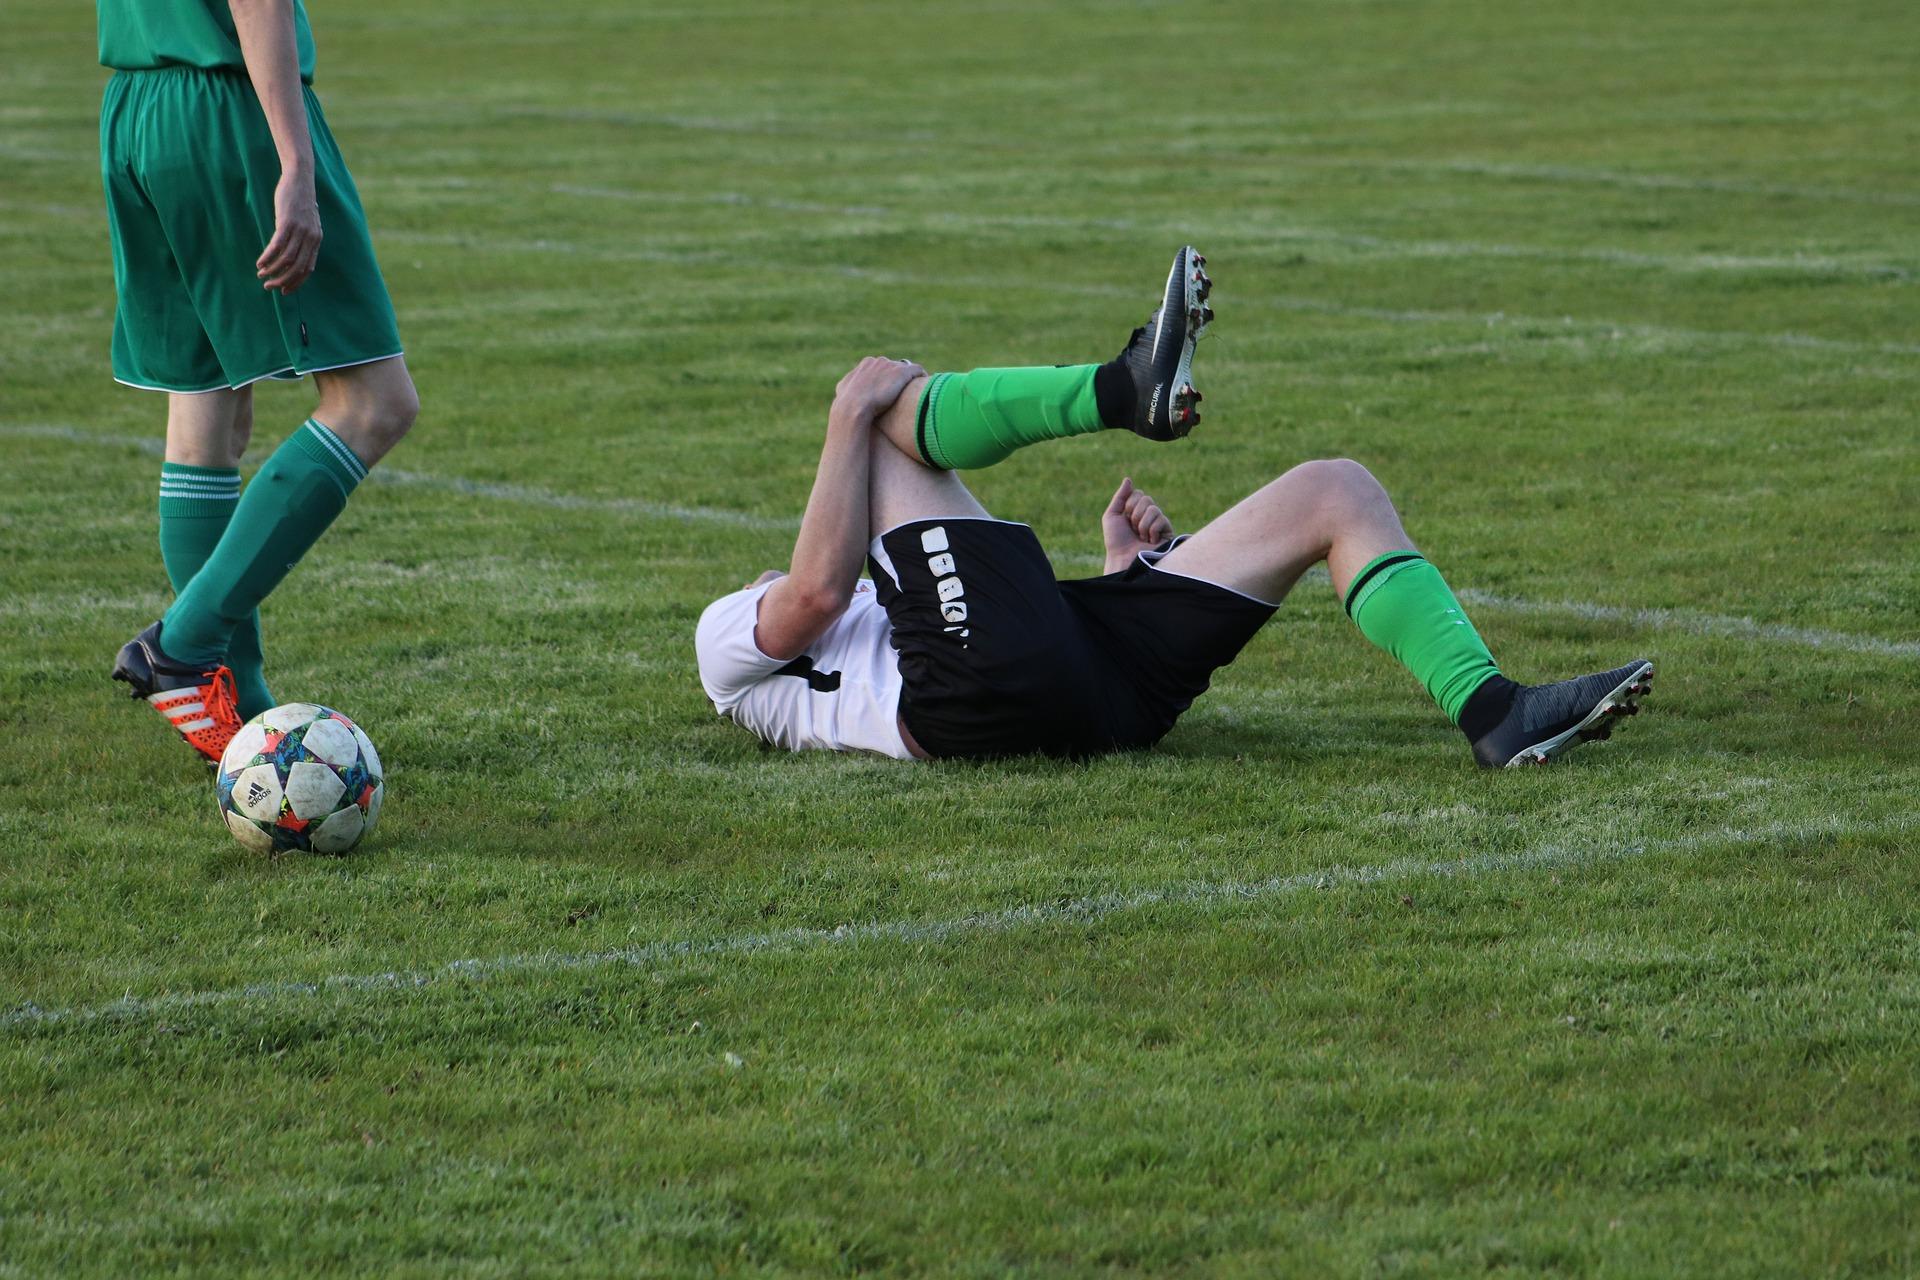 joueur de foot blessé au genou